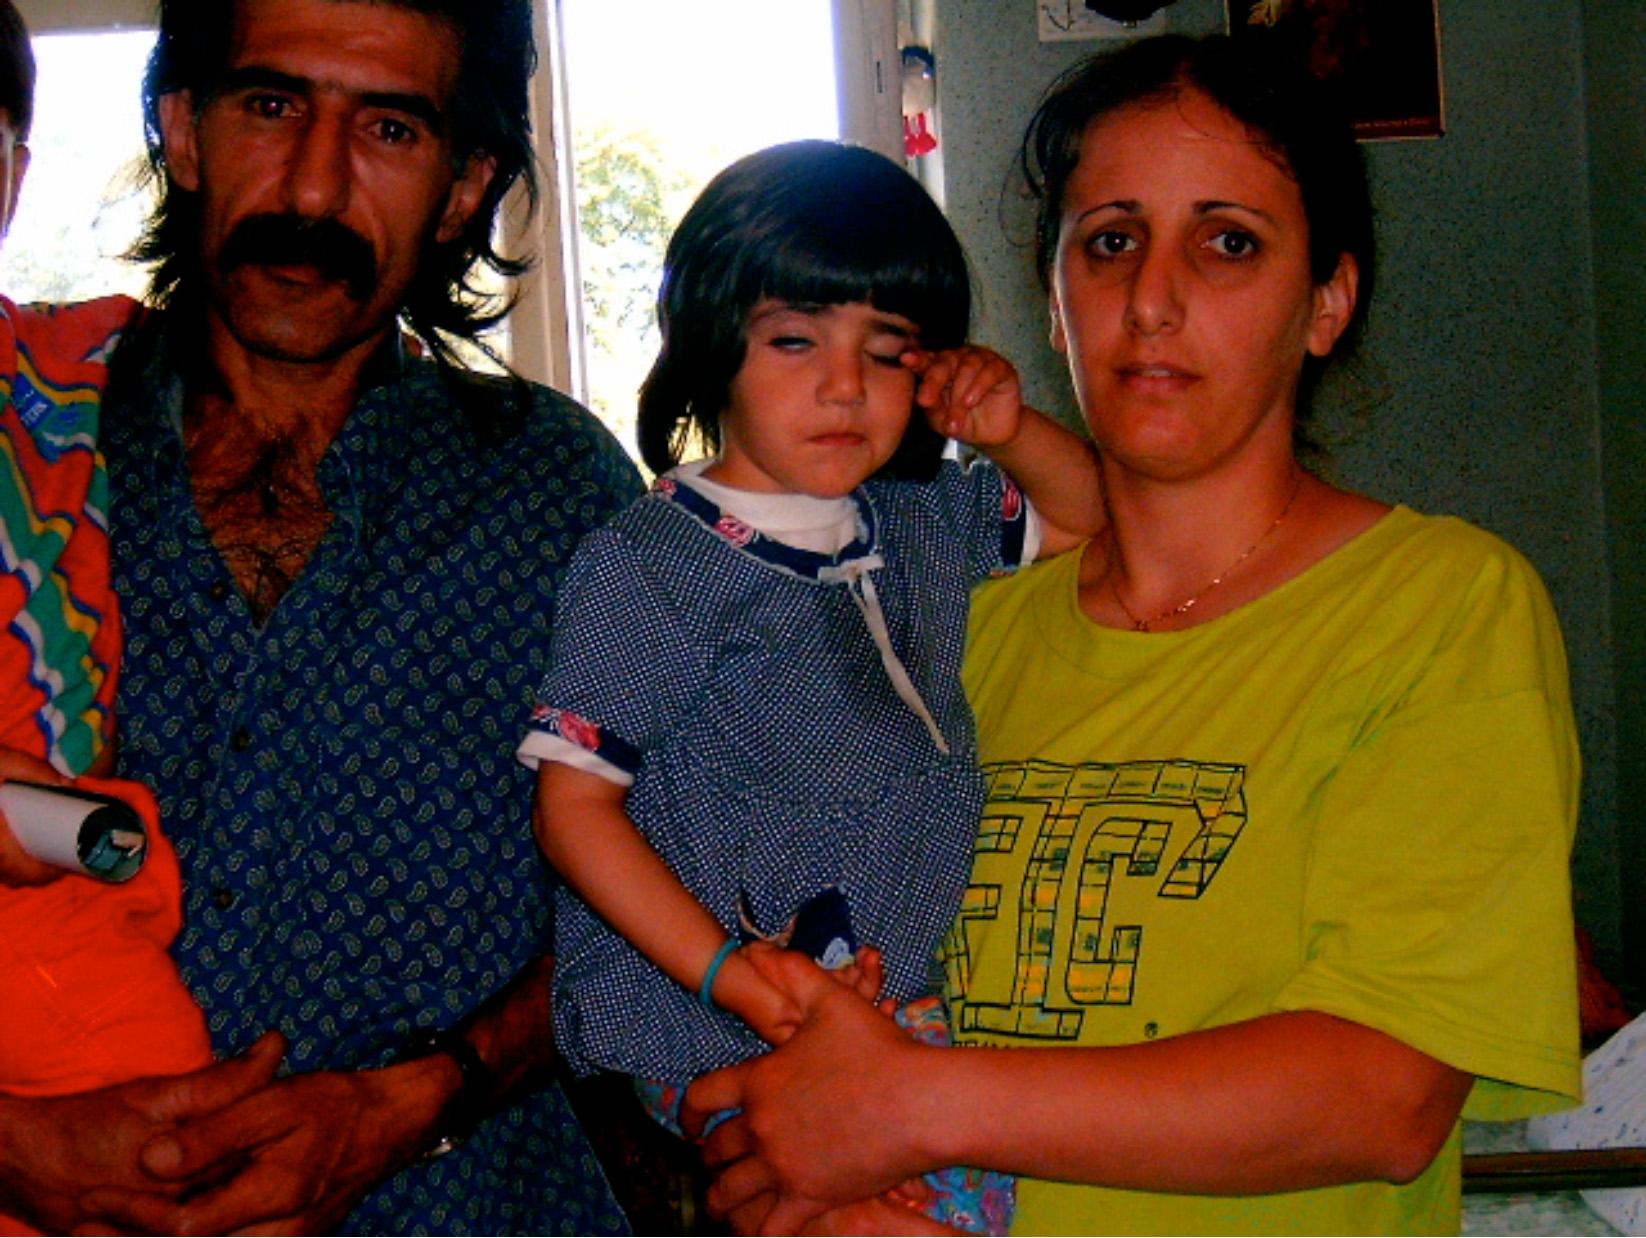 Ennek az iráni családnak az ügyében megindult a menedékjogi eljárás, így nyitott szálláson élnek.